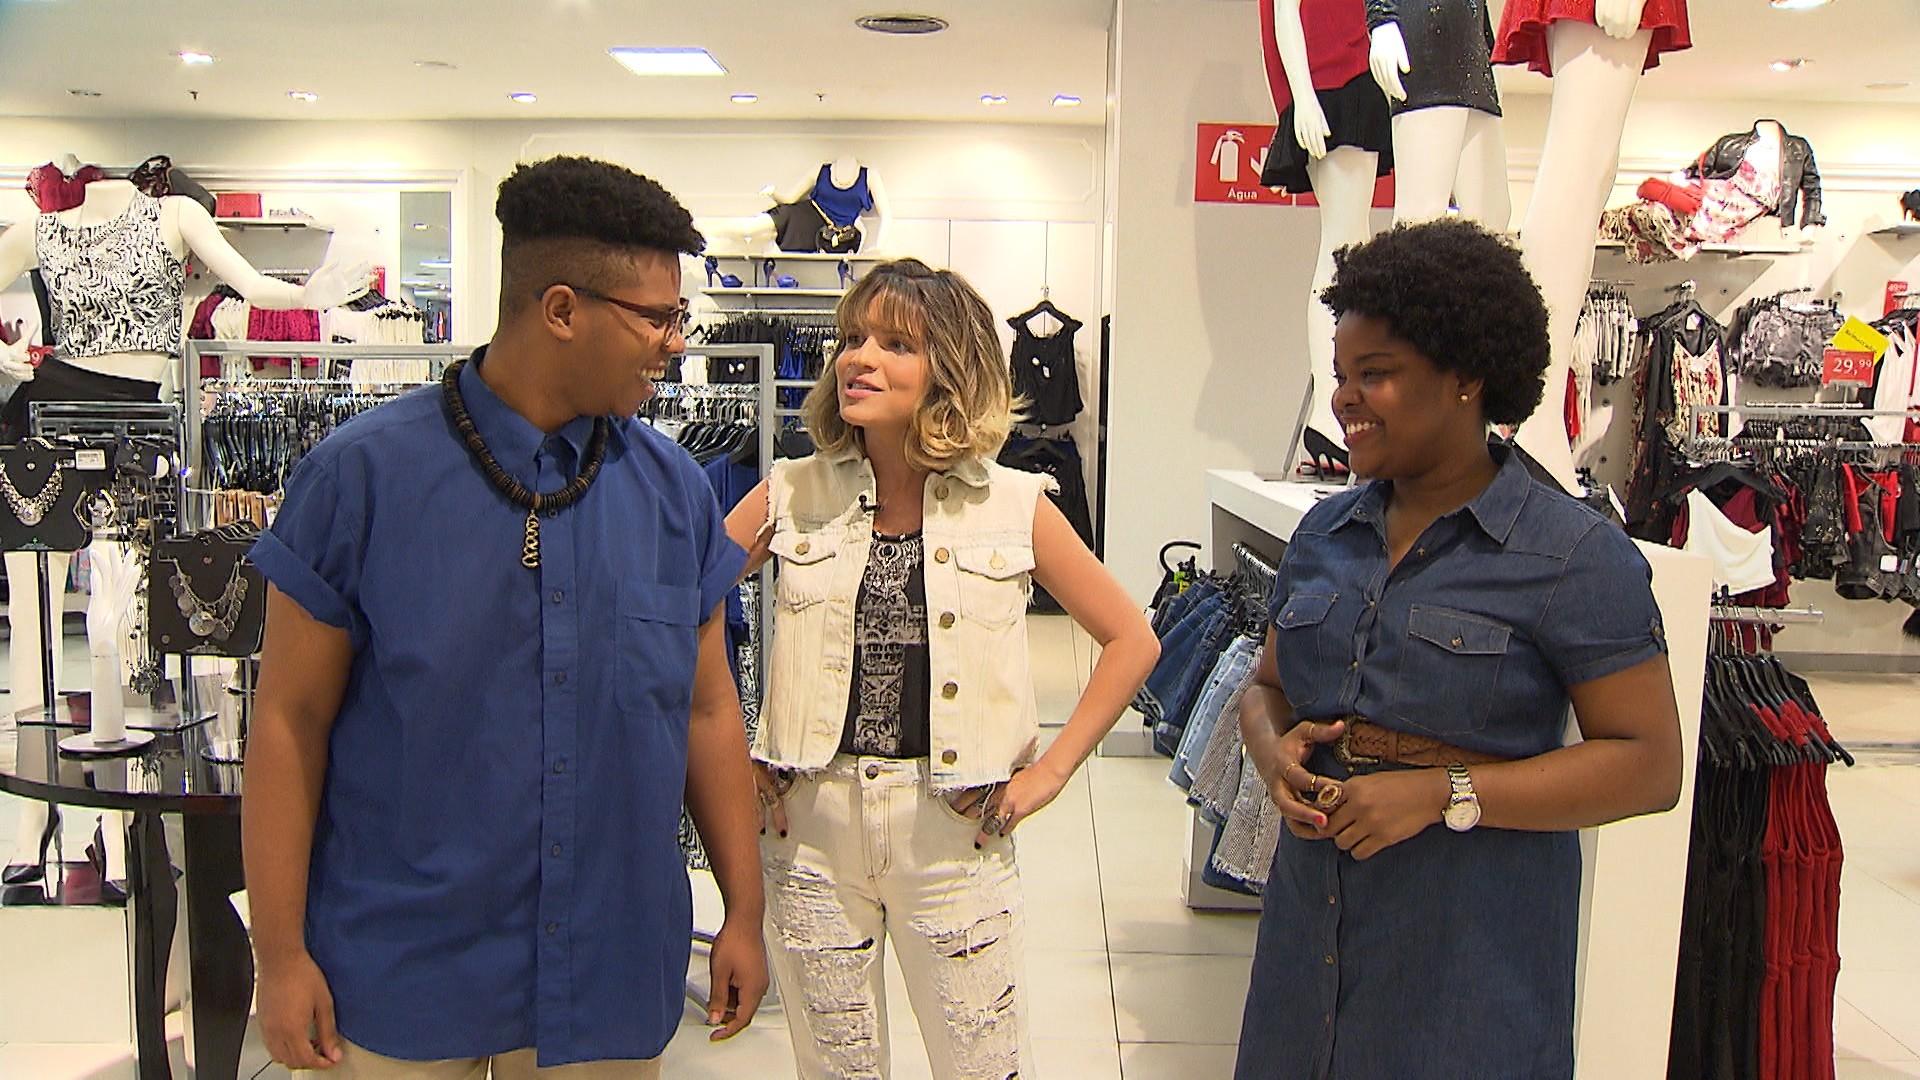 Estudantes de moda disputam e buscam looks atuais a baixo custo (Foto: Divulgação)